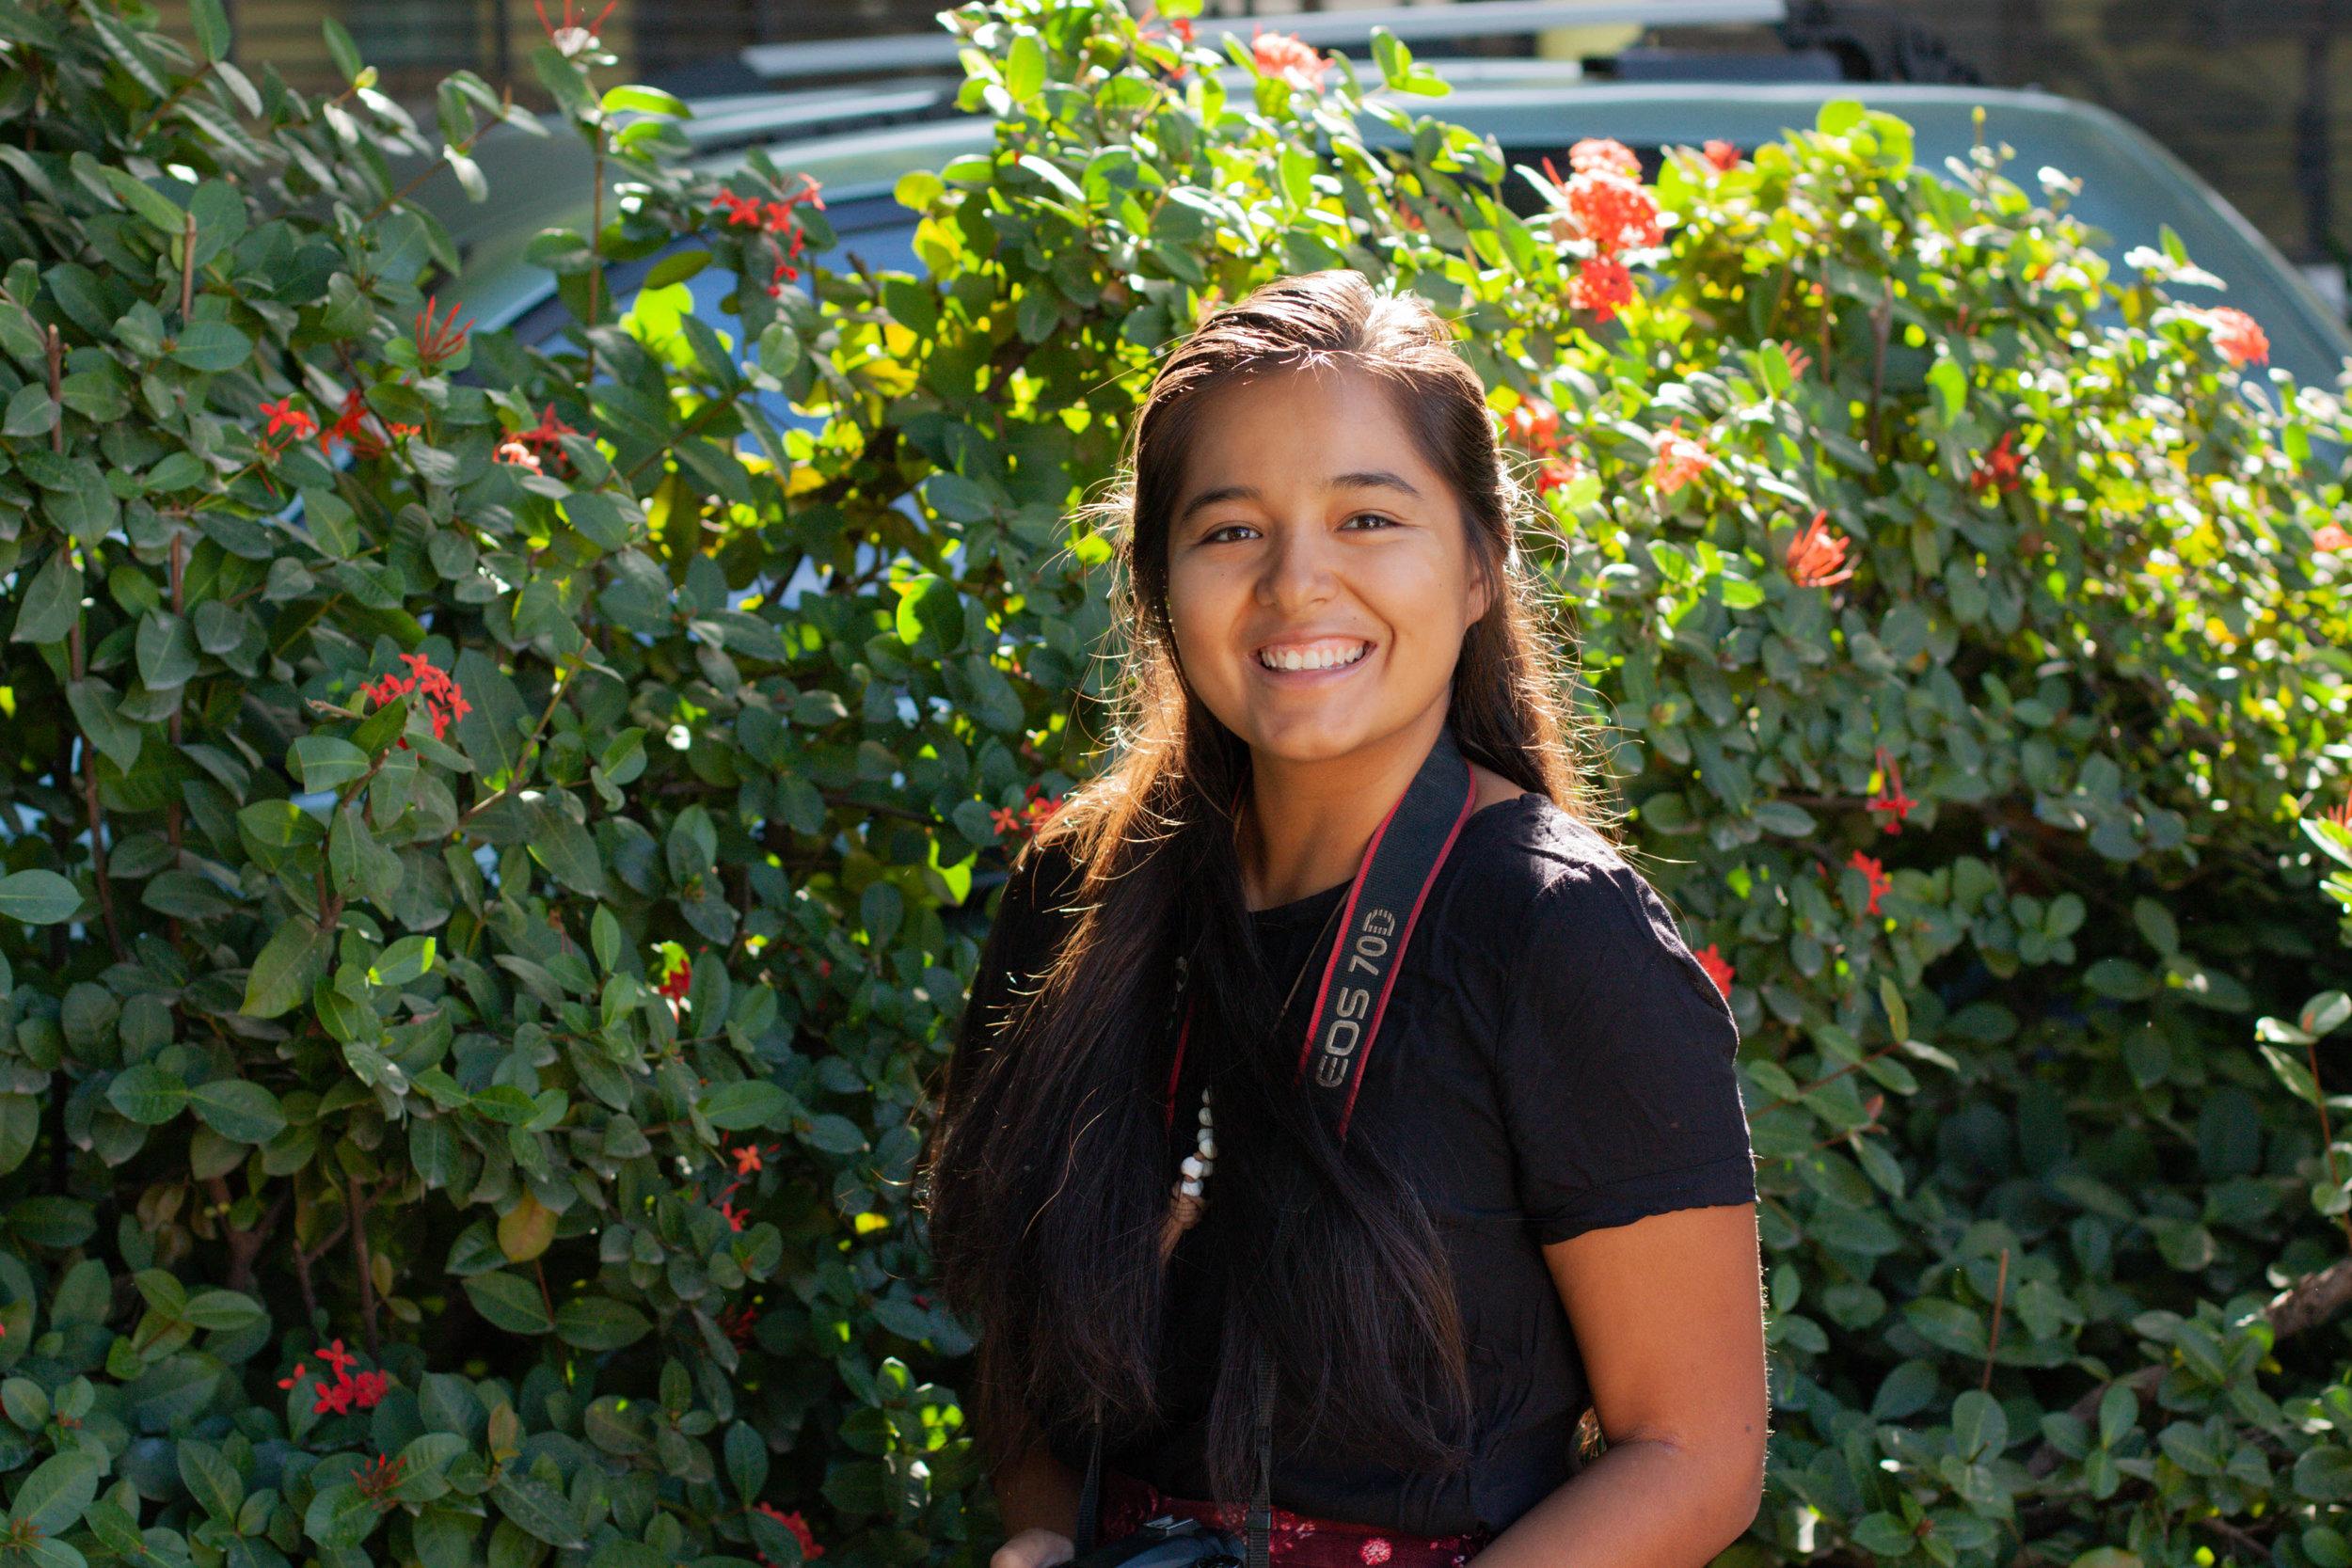 Elizabeth Peters, 22, Communications Assistant